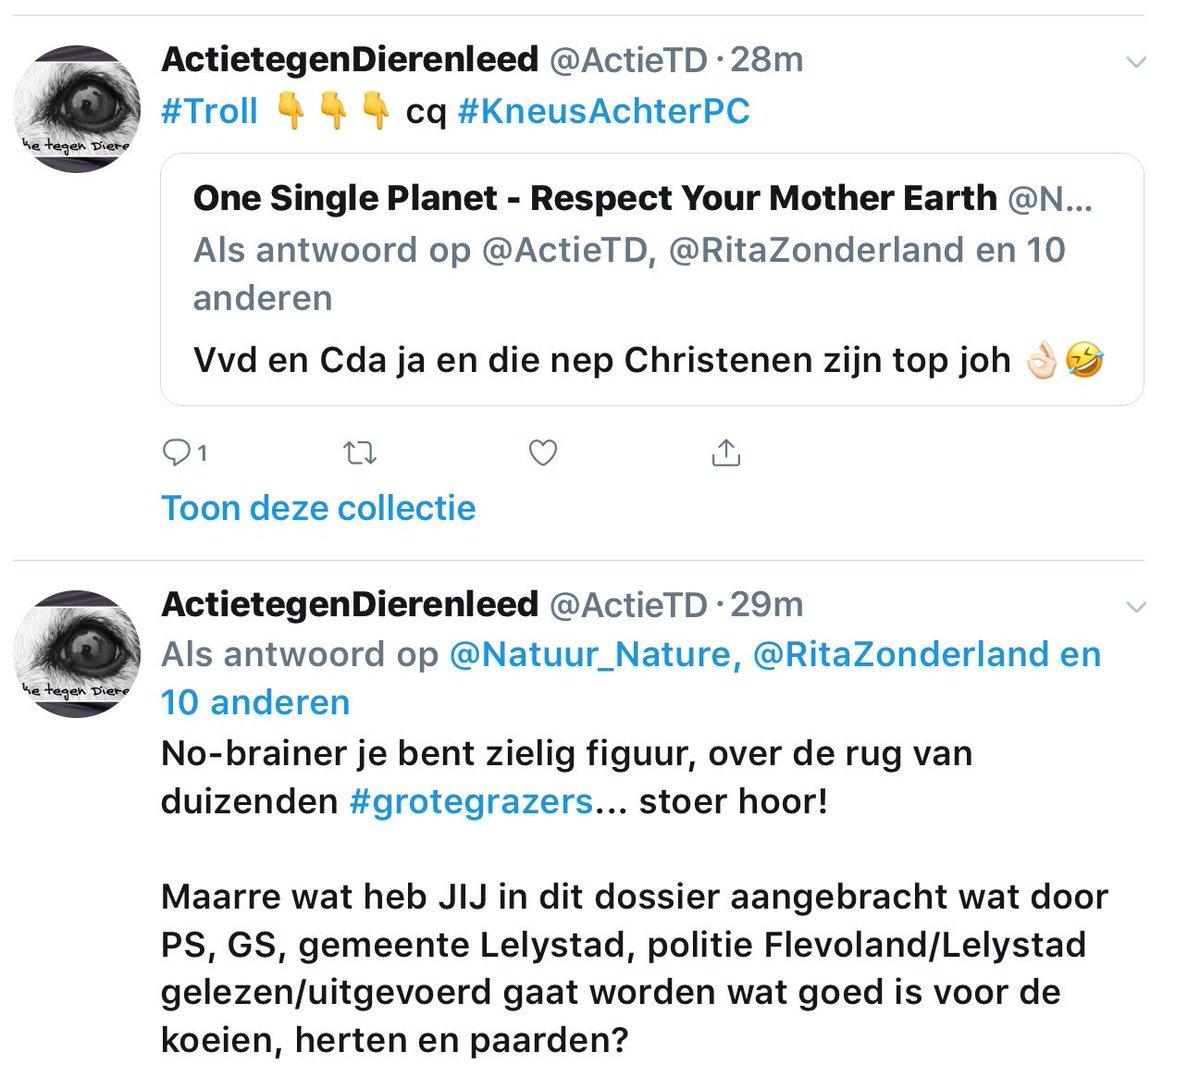 Mieke On Twitter Je Wil Mij Op Kast Jagen Jij Durft